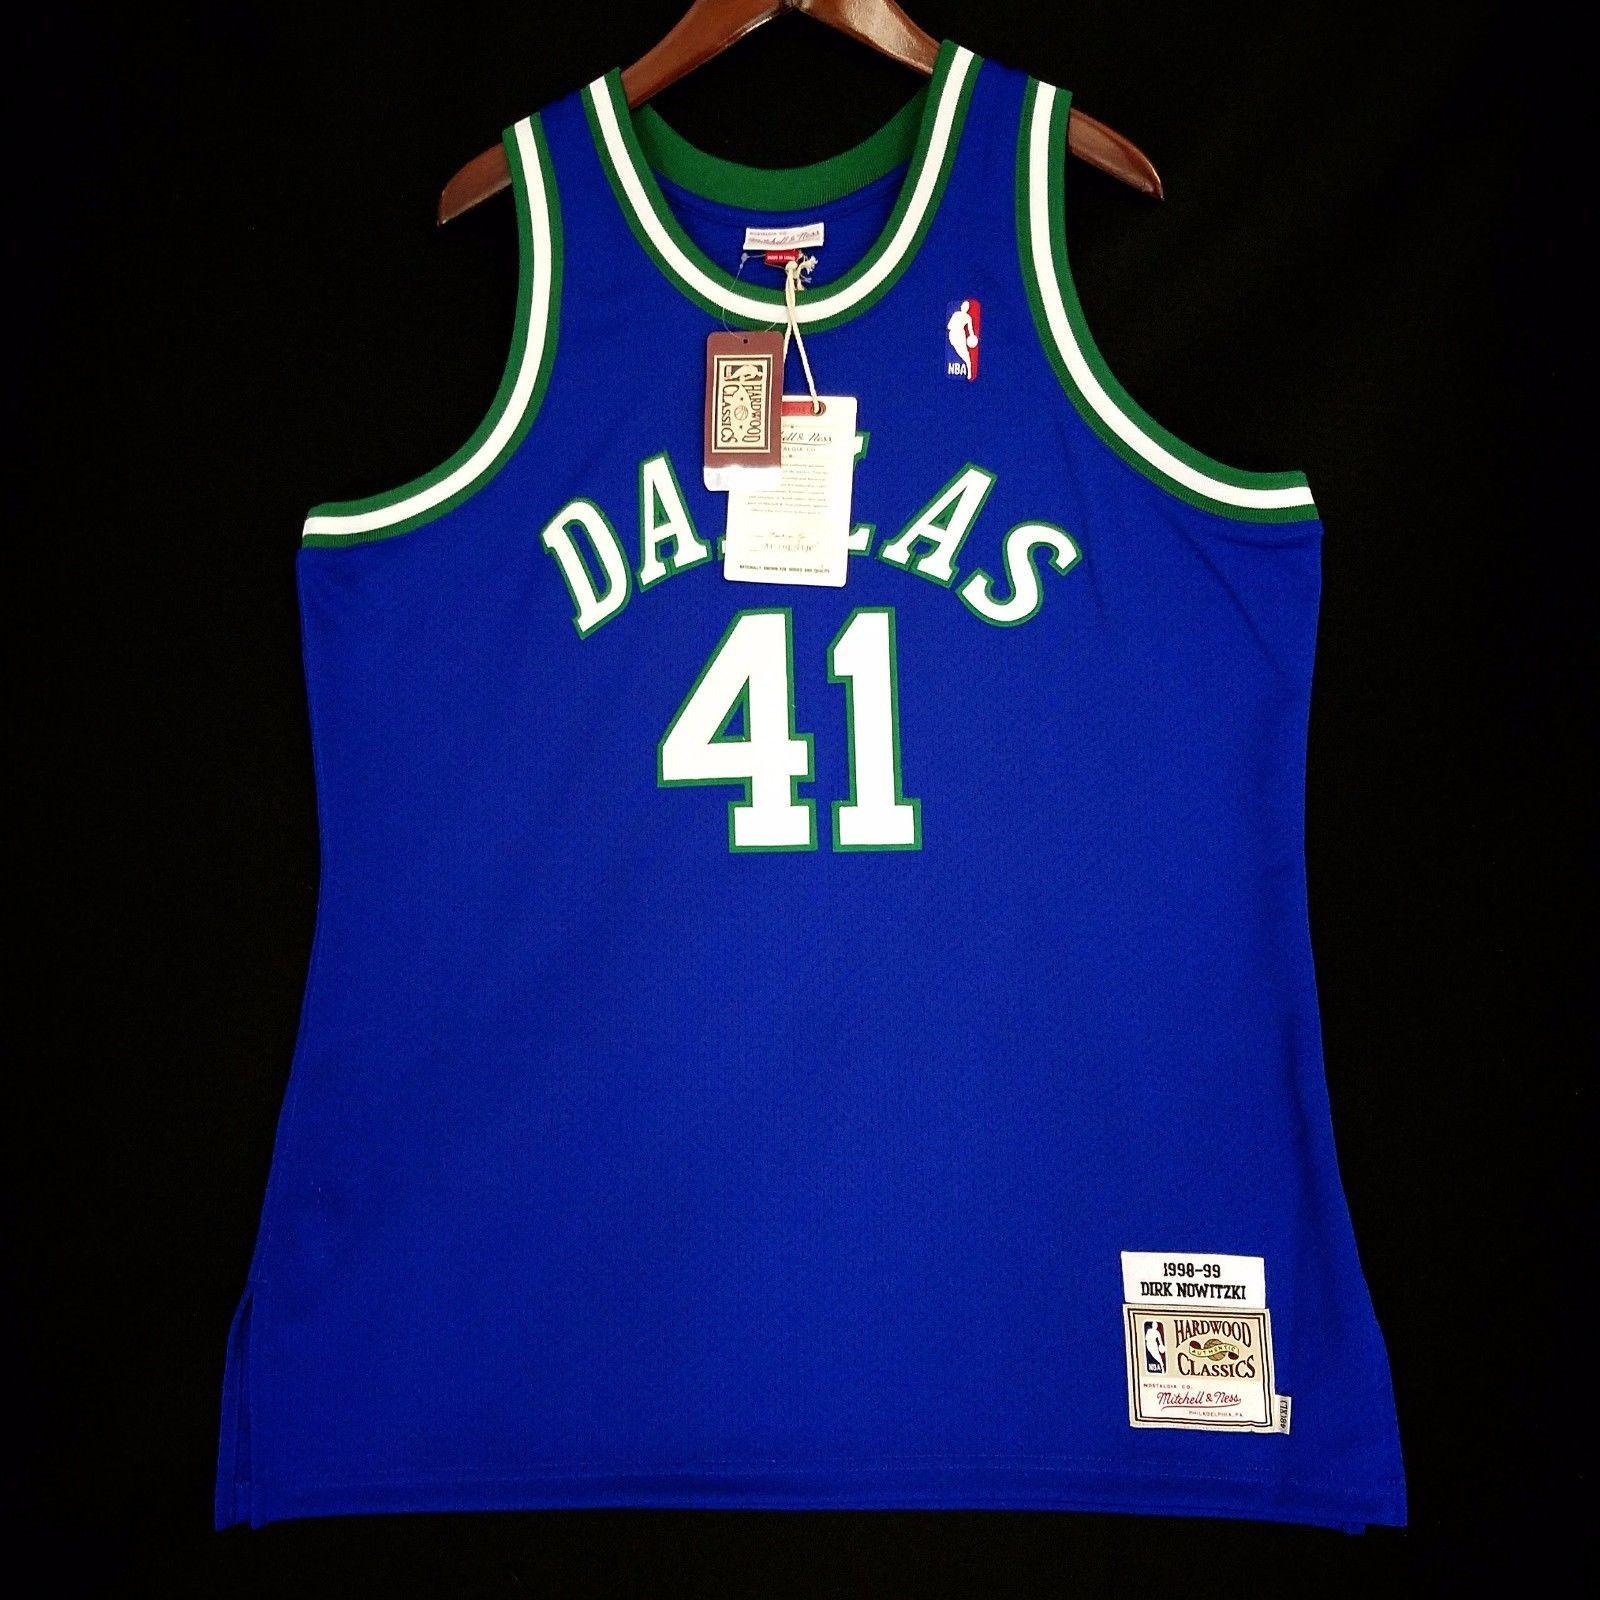 premium selection 7281c 868c9 100% Authentic Dirk Nowitzki Mitchell & Ness Mavericks ...